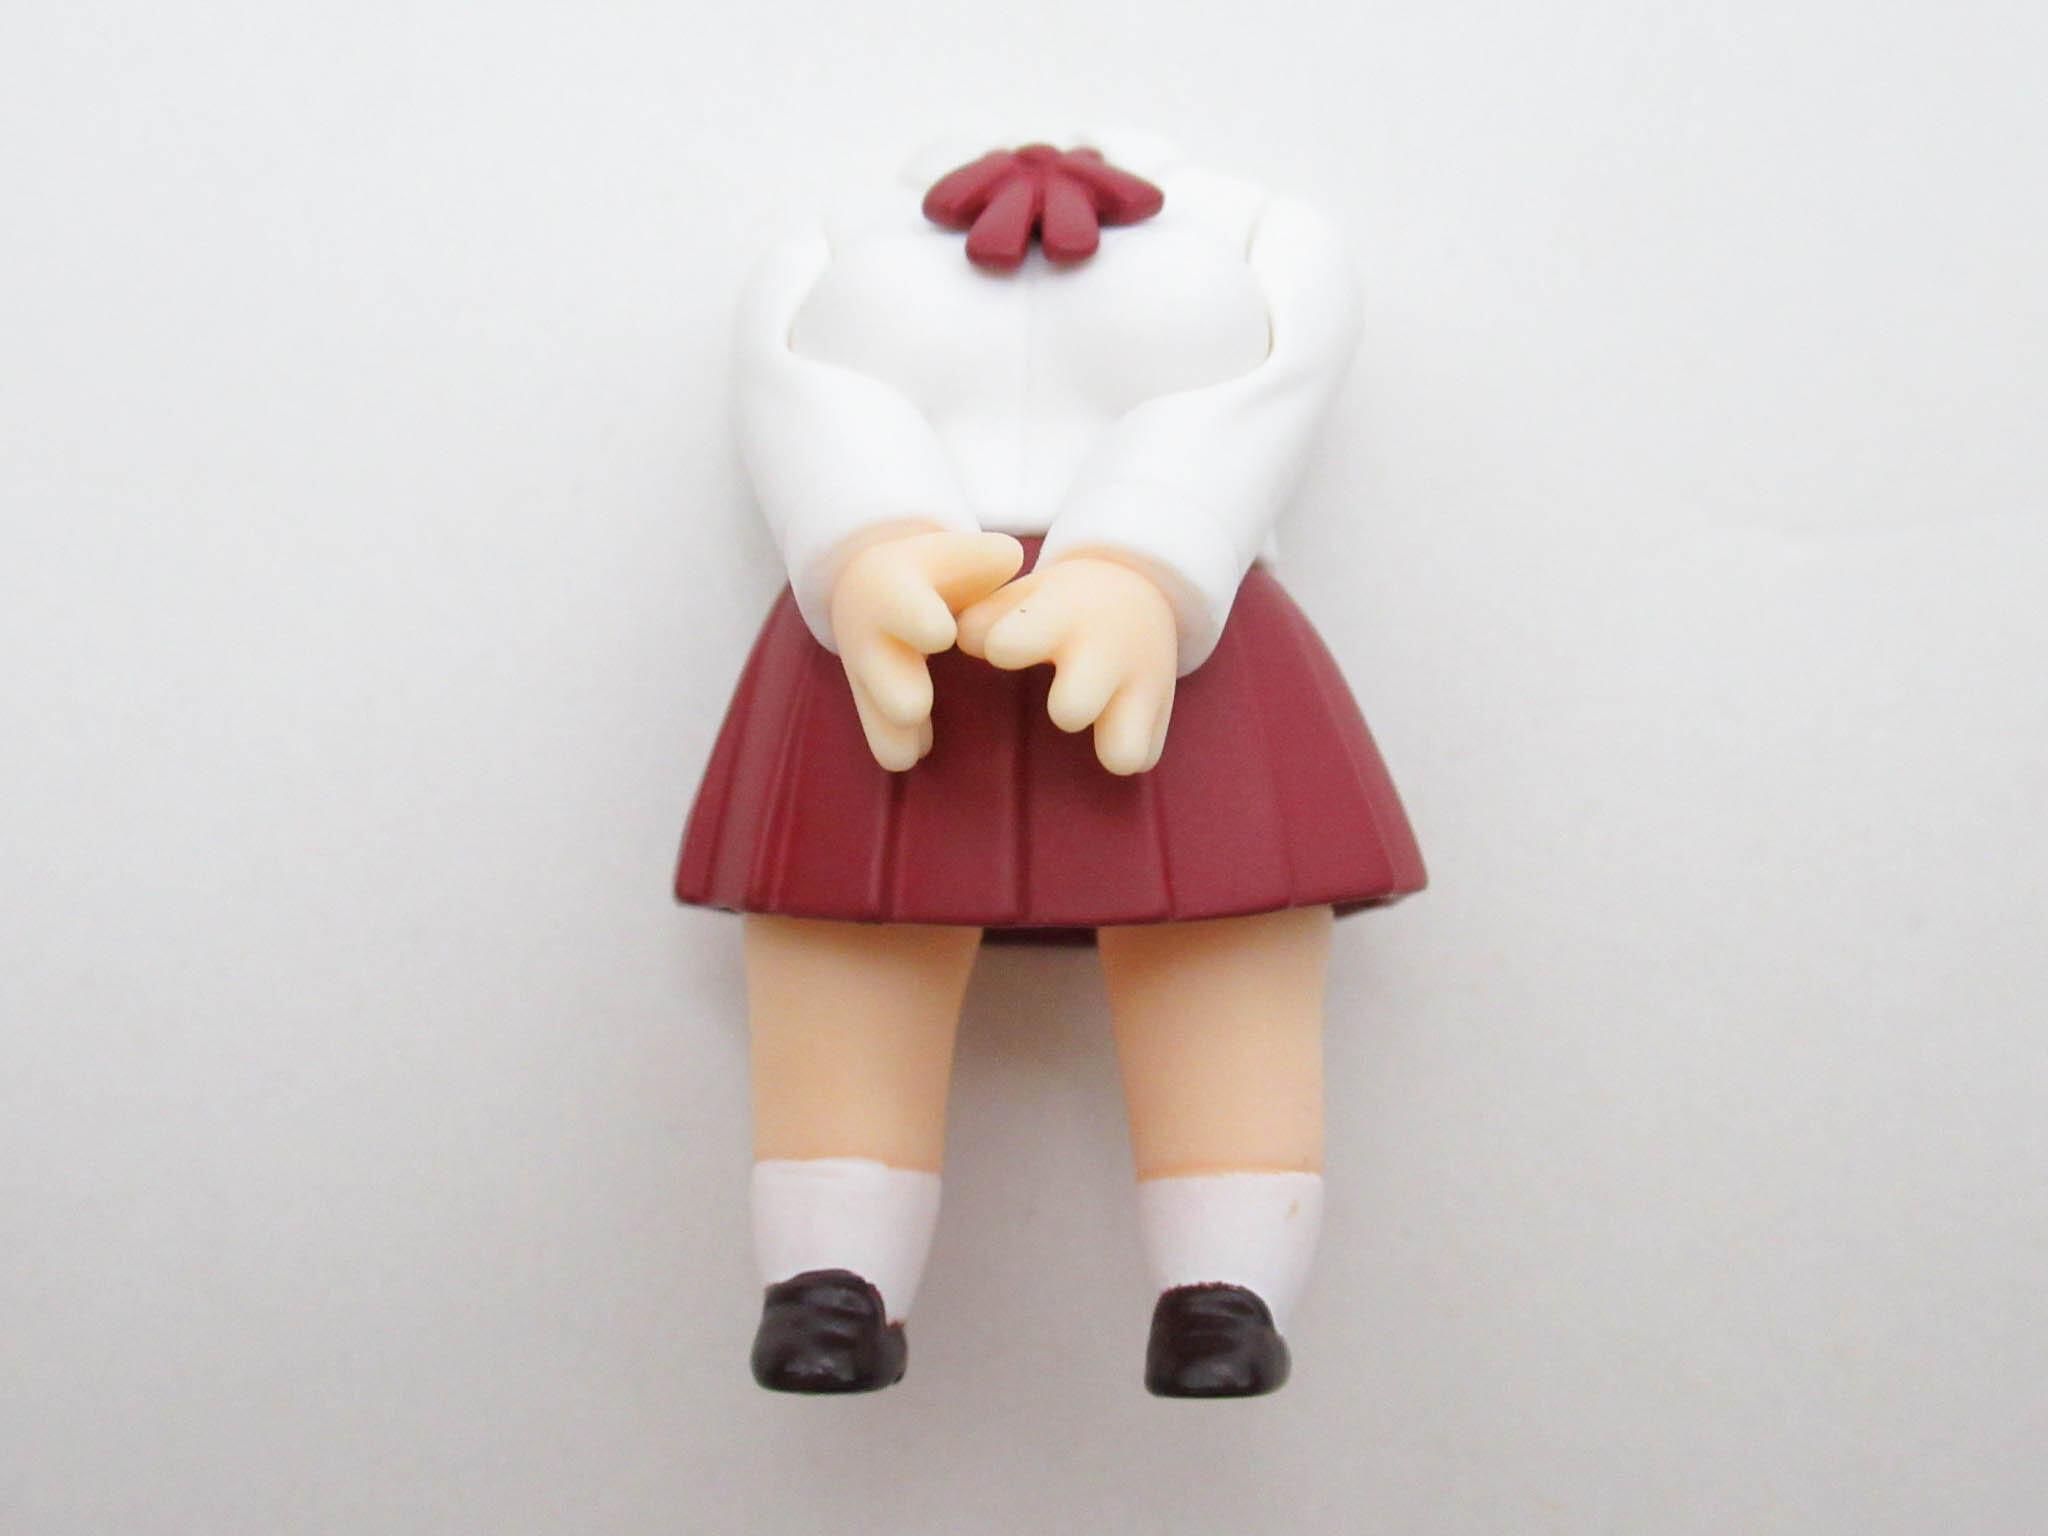 再入荷【832】 海老名菜々 体パーツ 制服 (A-ランク) ねんどろいど